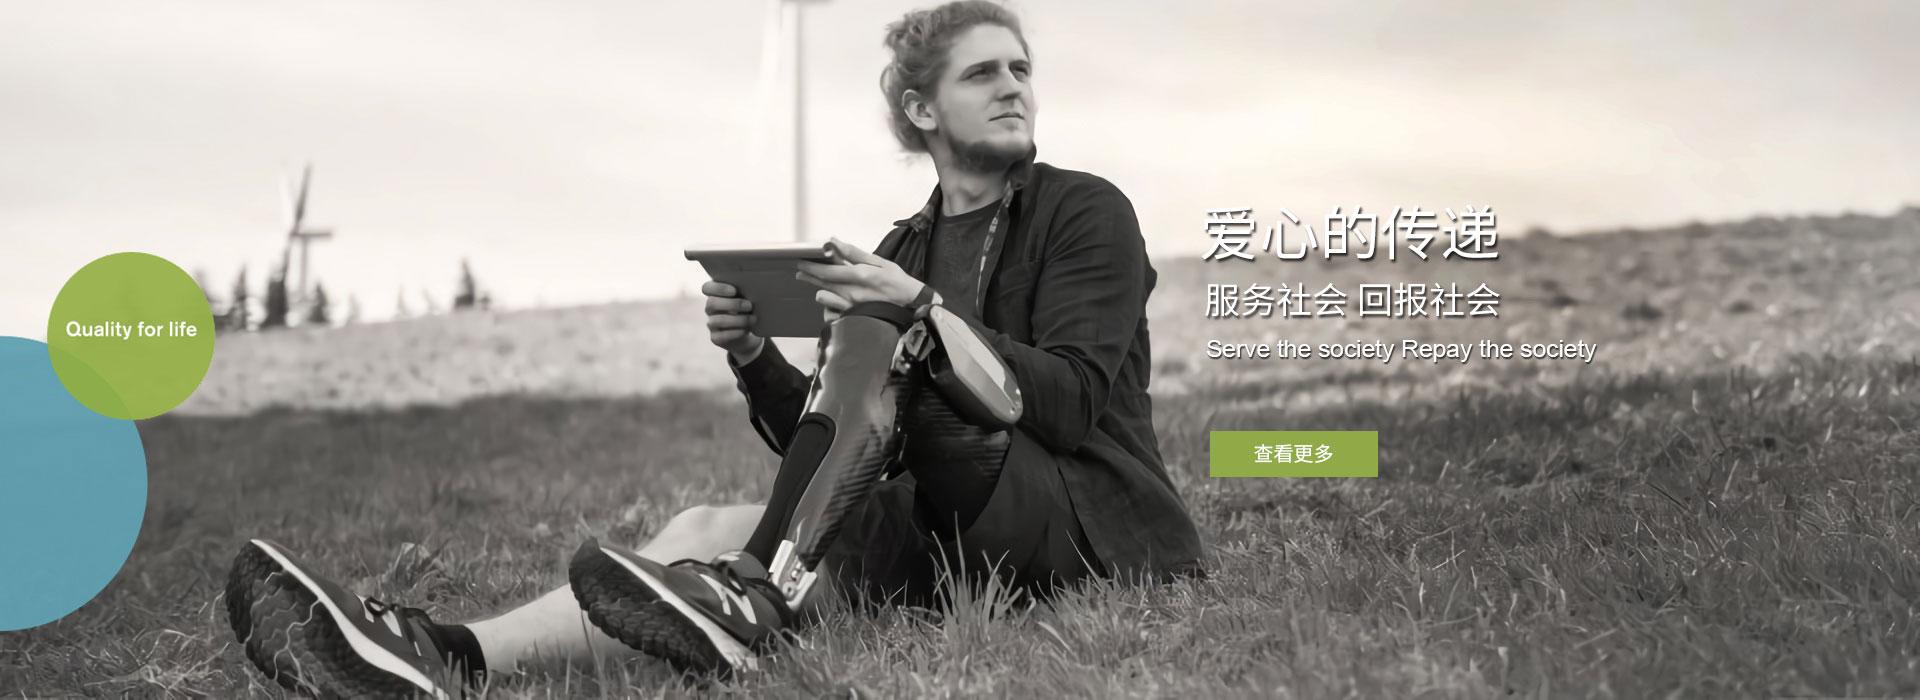 烟台佳新假肢矫形器有限公司